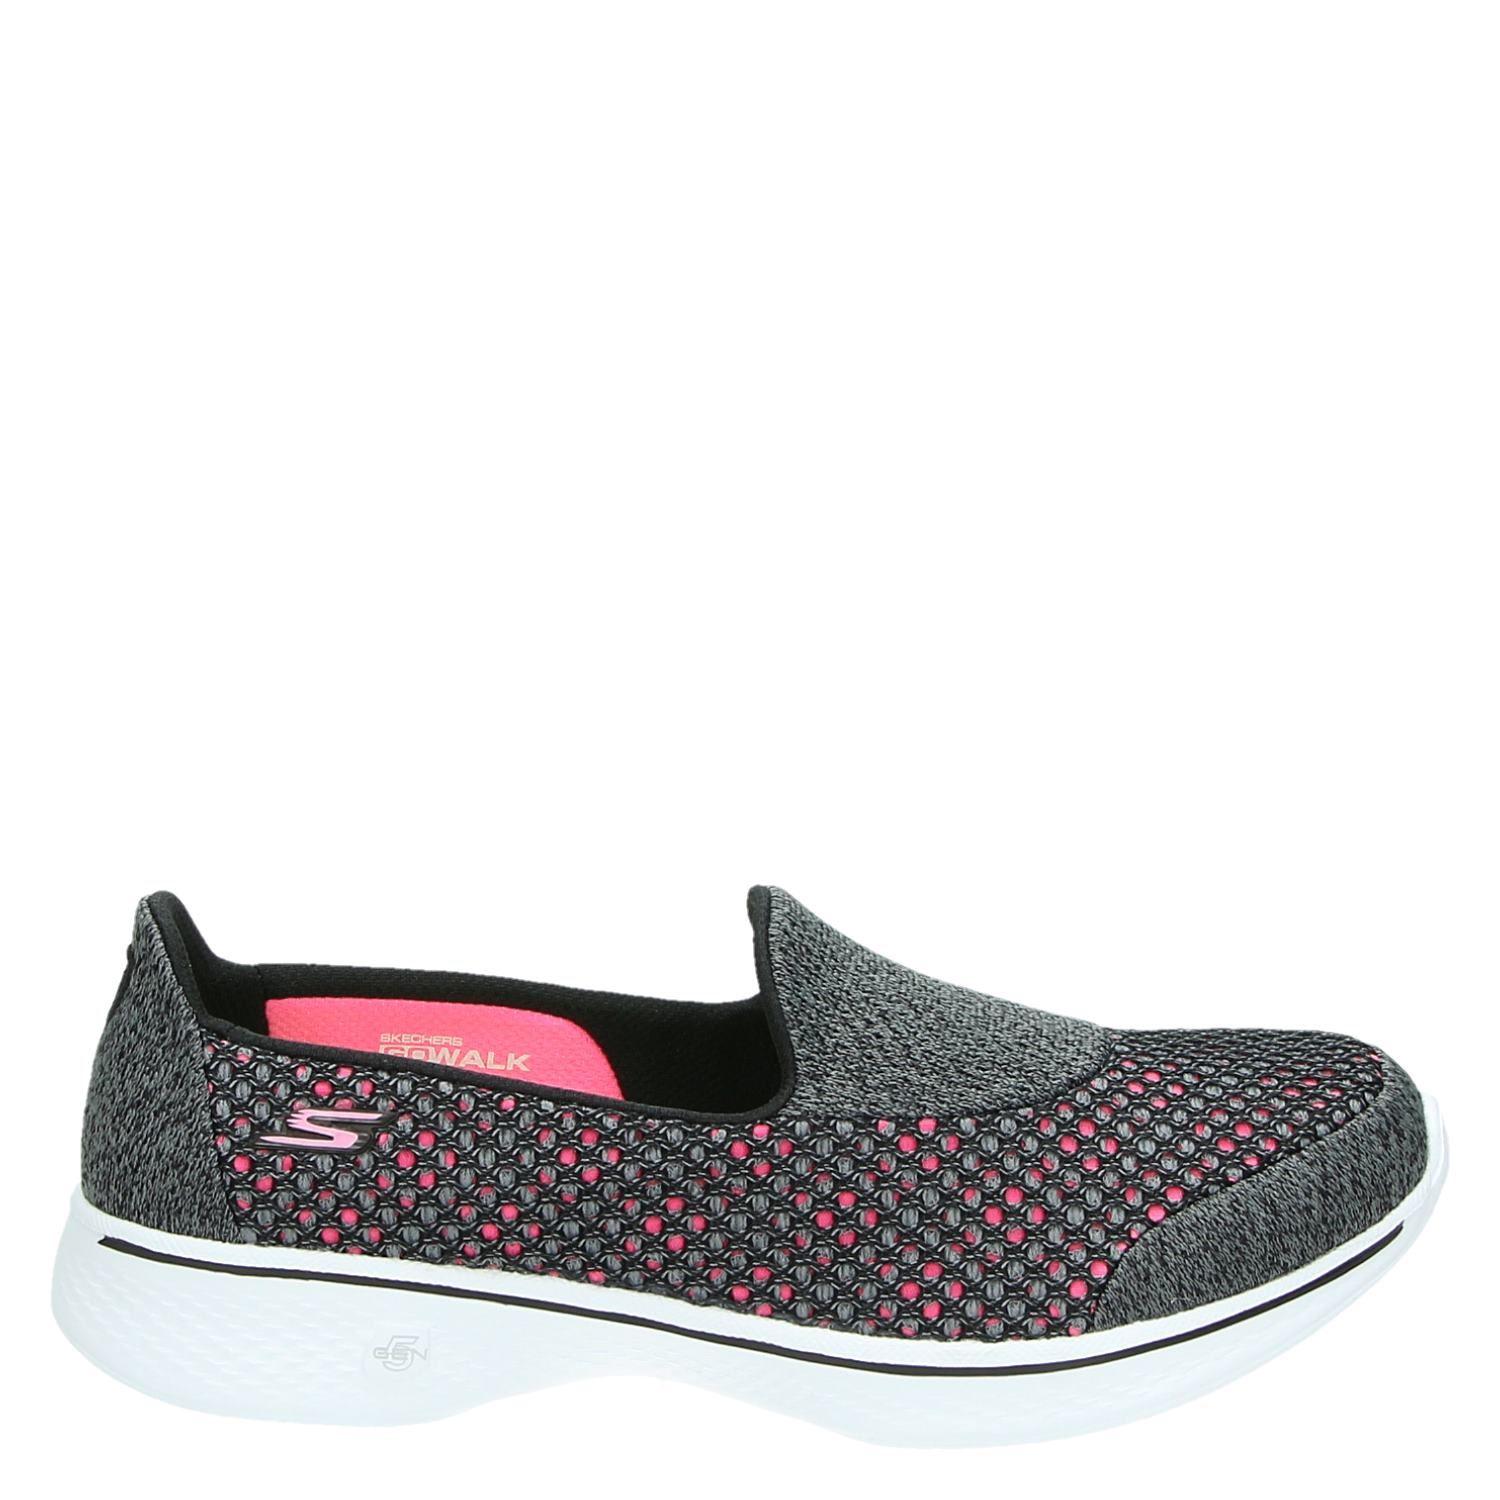 Chaussures Noires Pour Les Femmes Entrée Skechers 0oGucR